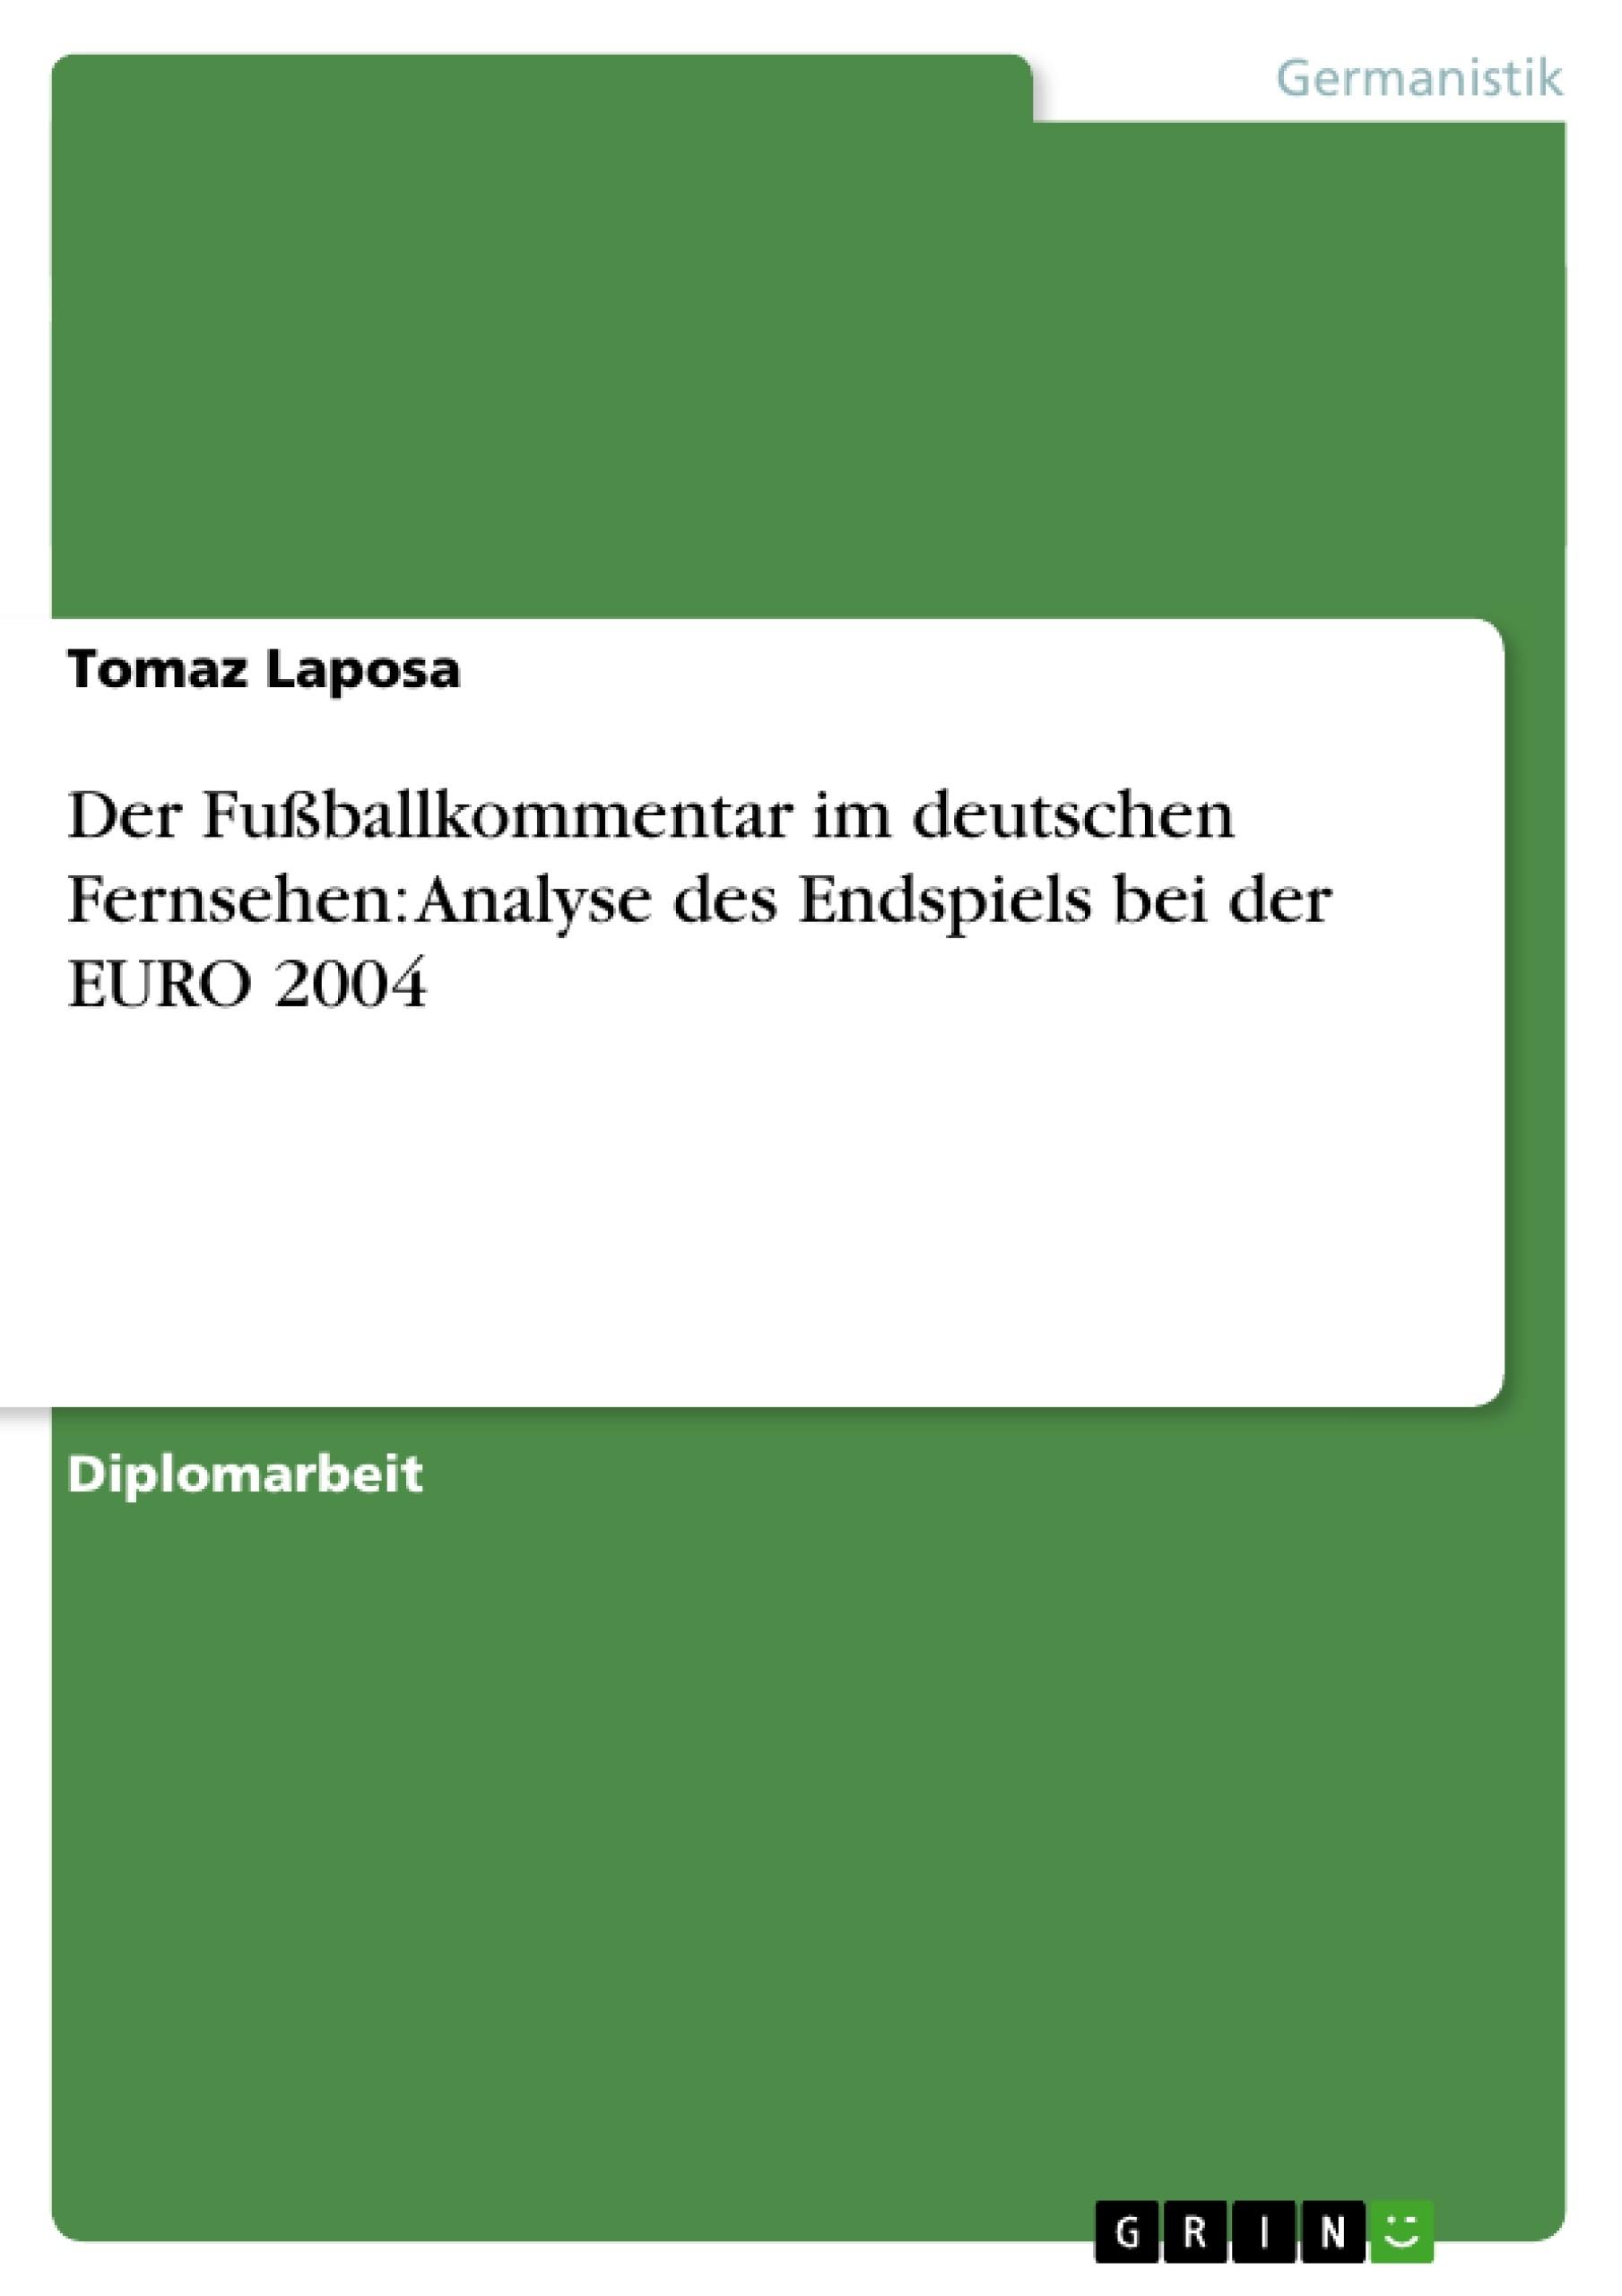 Titel: Der Fußballkommentar im deutschen Fernsehen: Analyse des Endspiels bei der EURO 2004